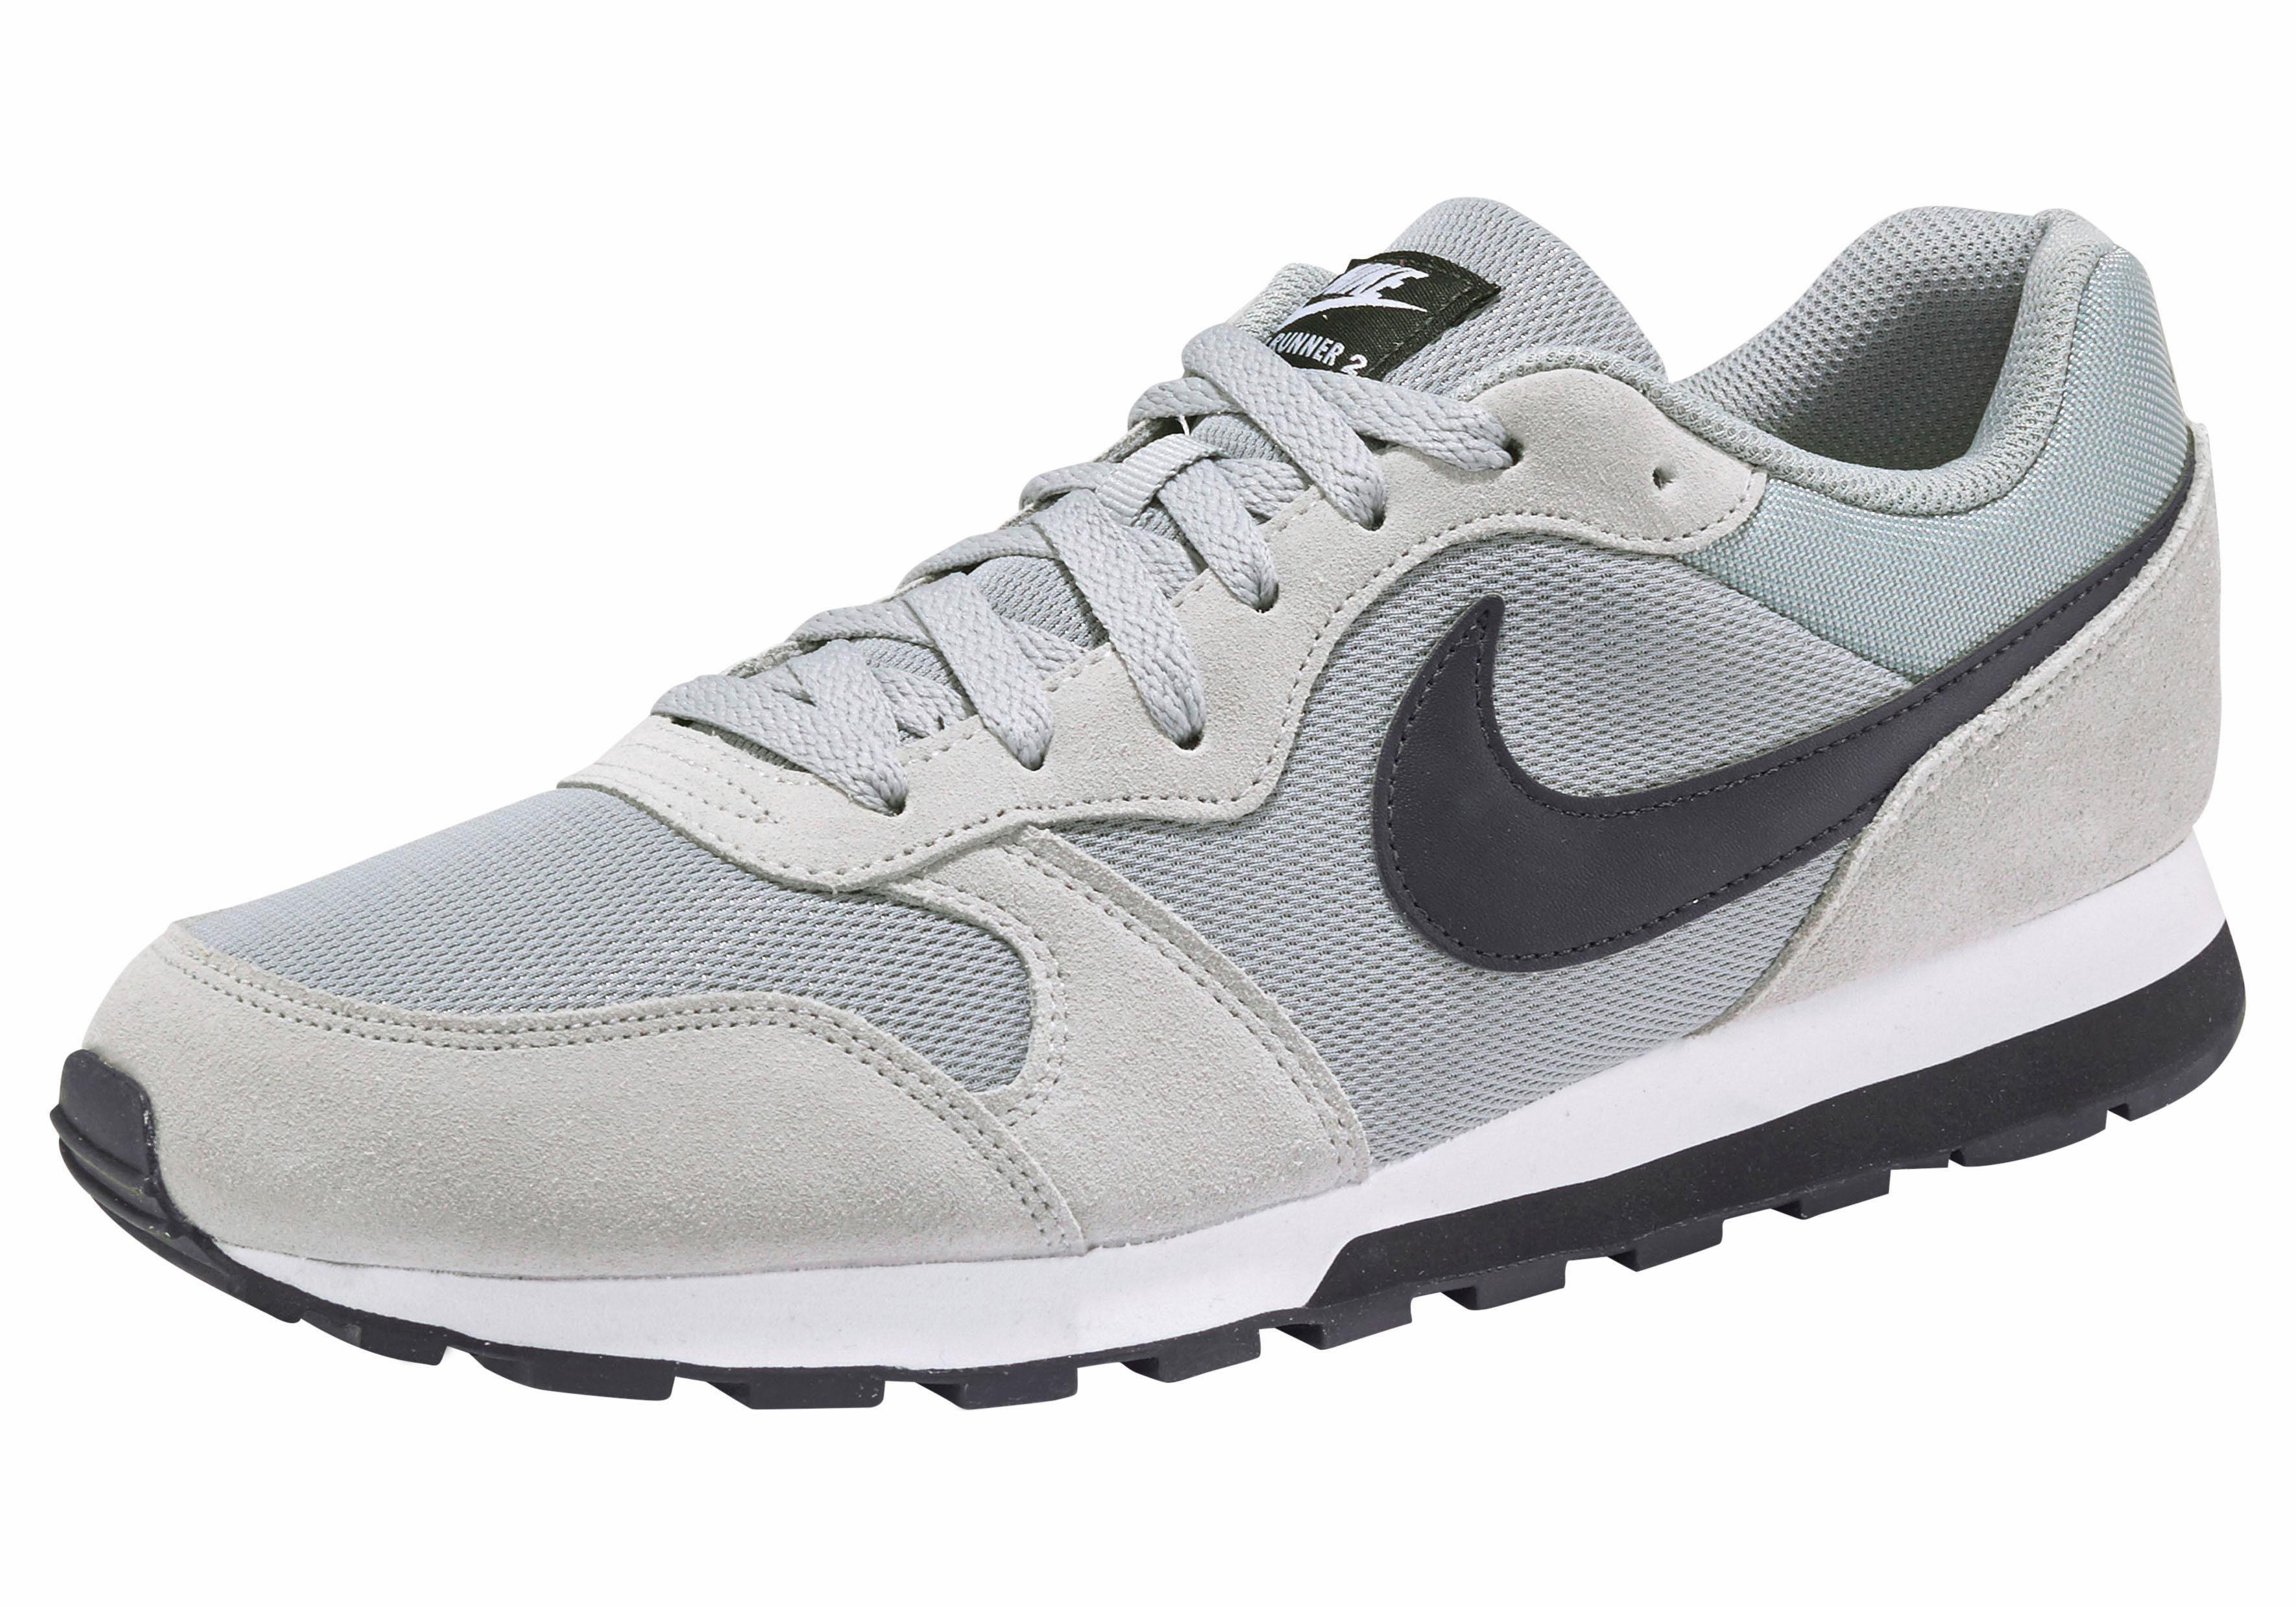 Nike Sportswear »MD Runner 2 M« Sneaker kaufen | OTTO